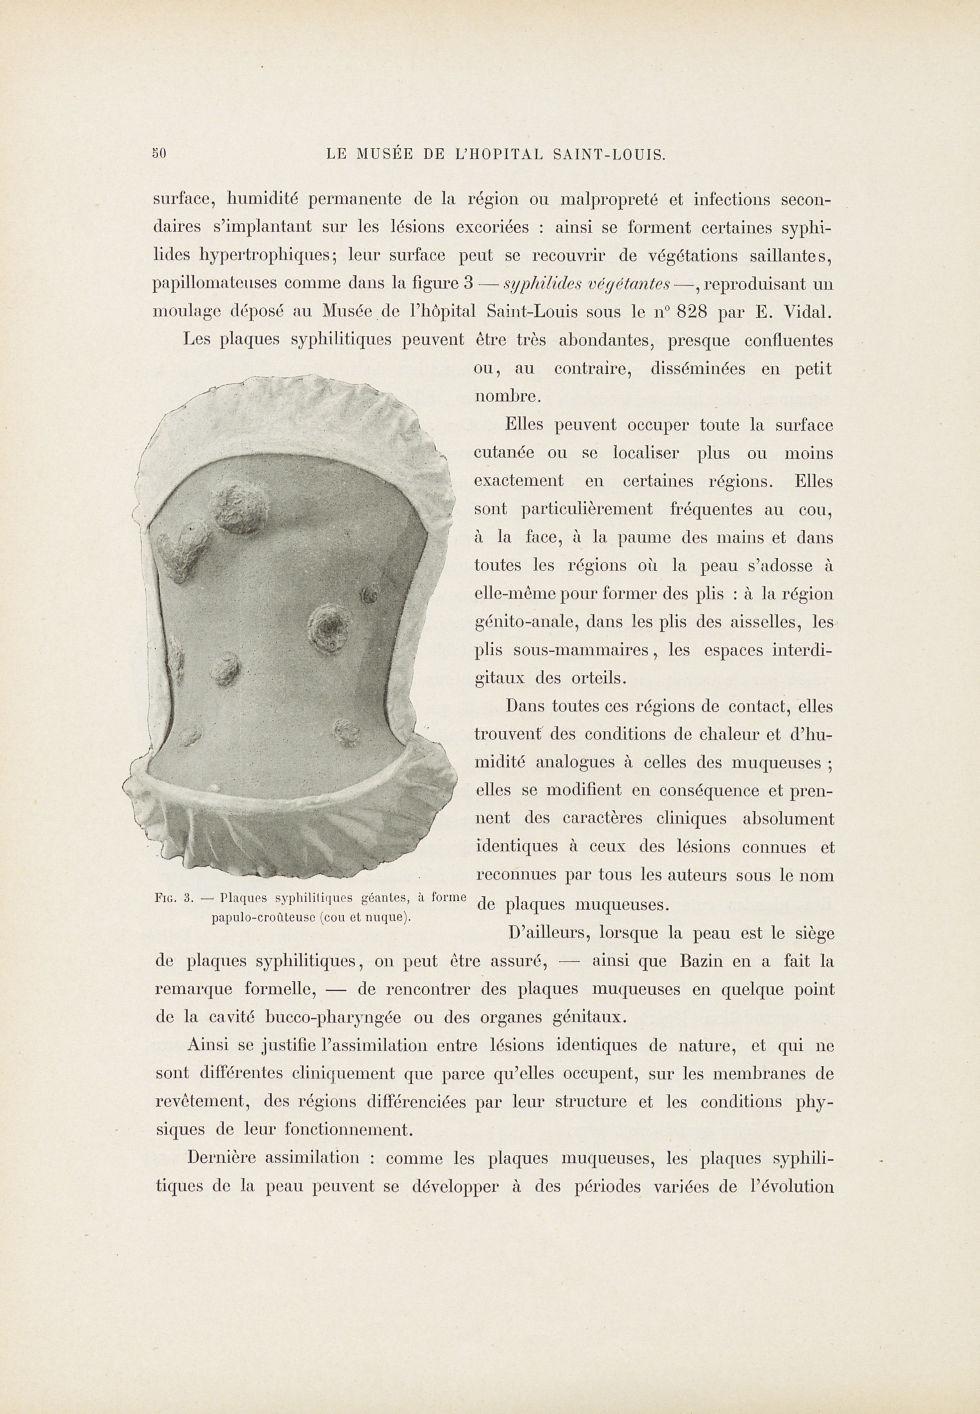 Fig. 3. Plaques syphilitiques géantes, à forme papulo-crouteuse - Le musée de l'hôpital Saint-Louis  [...] - Dermatologie (peau). Syphilis (maladies infectieuses). Maladies sexuellement transmissibles. 19e siècle (France) - med01740x0065